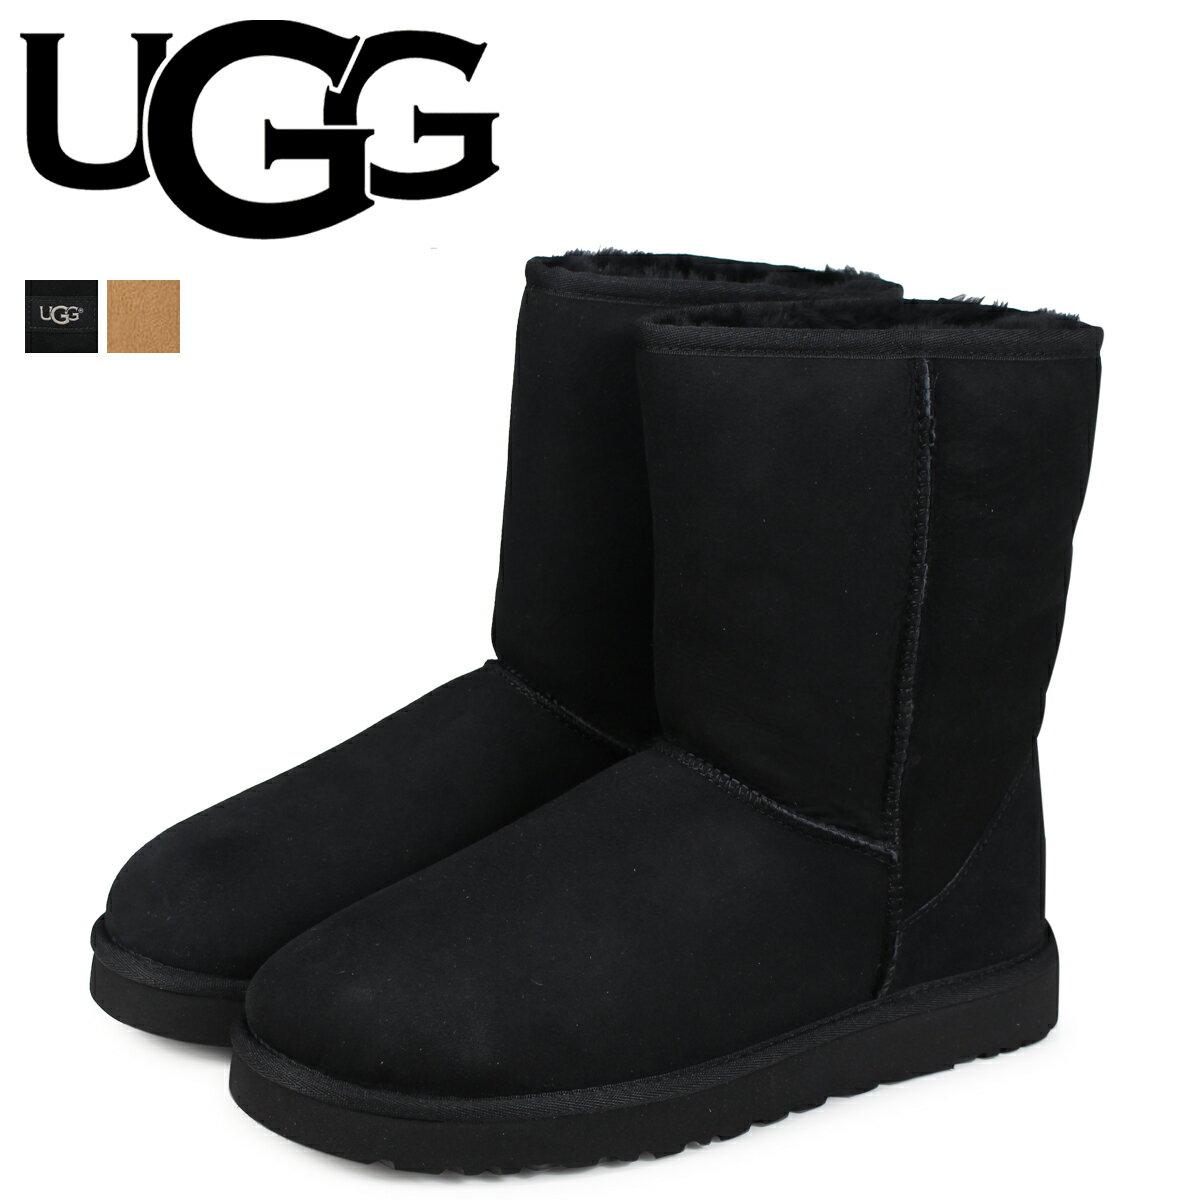 ブーツ, その他 1000OFF UGG MENS CLASSIC SHORT 5800